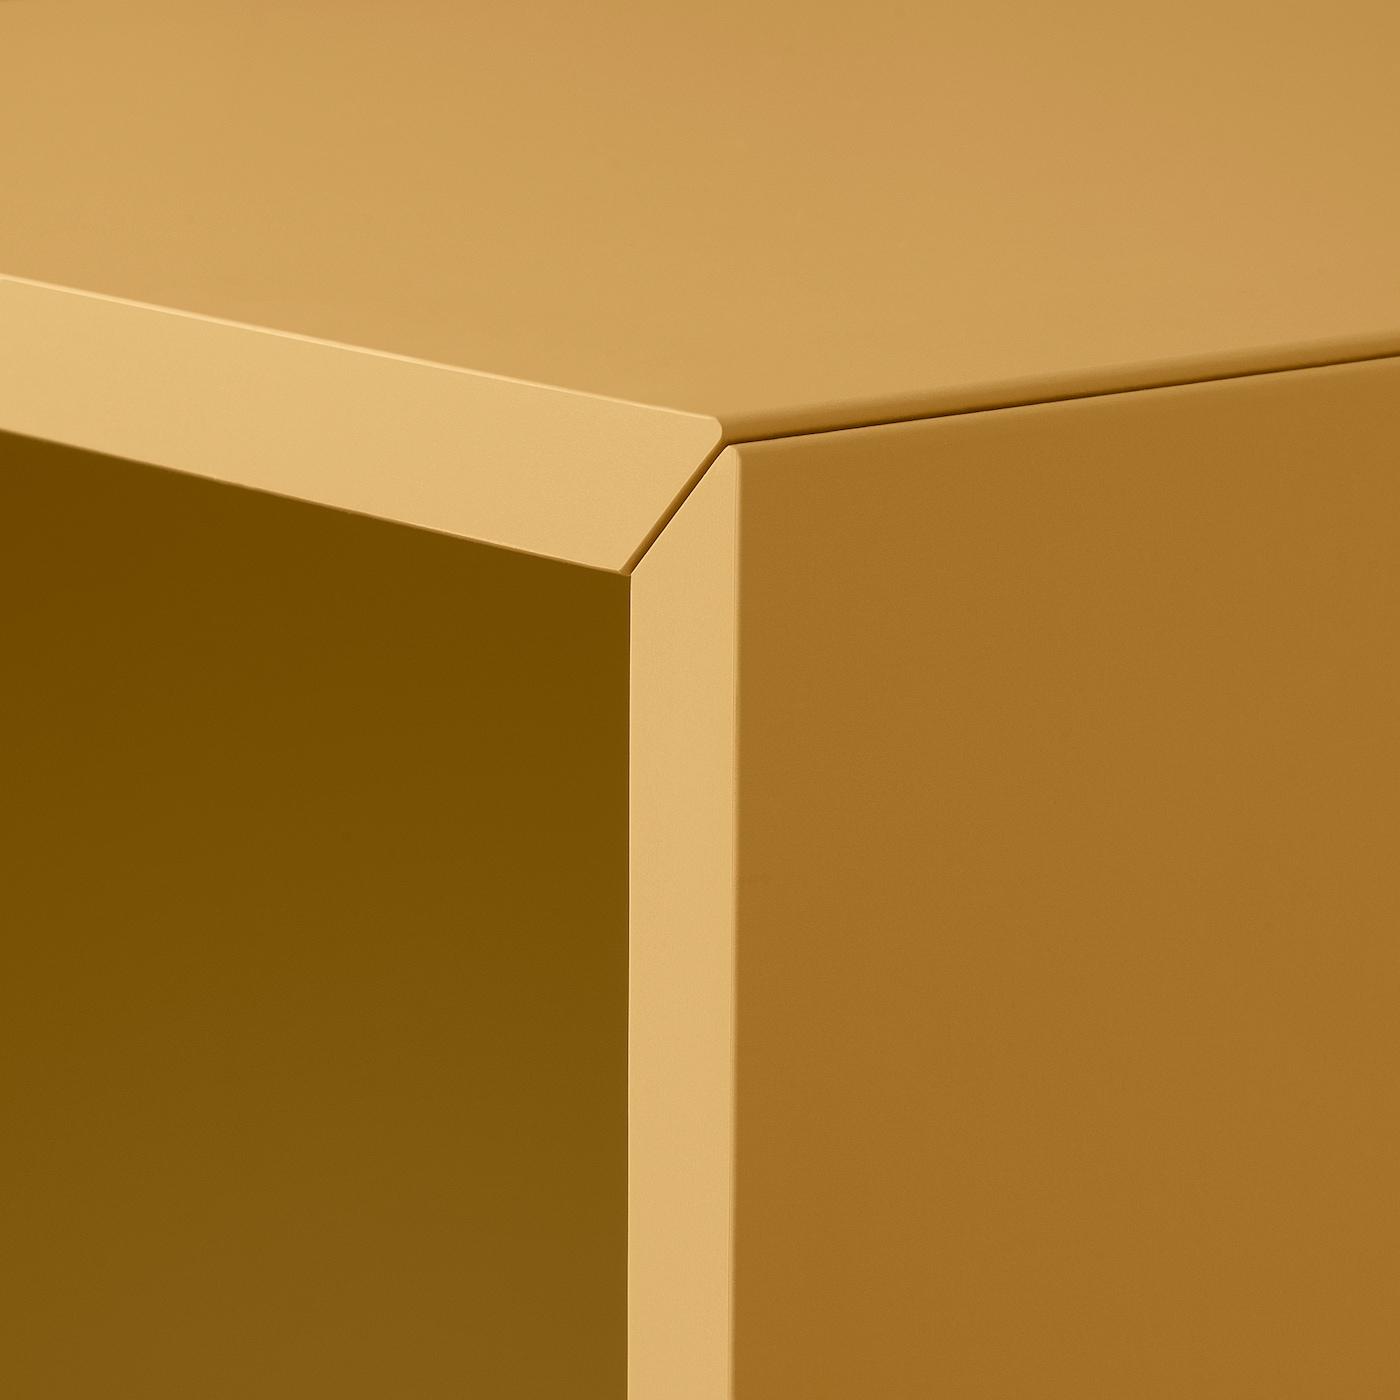 EKET 伊克特 柜子, 金棕色, 35x25x35 厘米